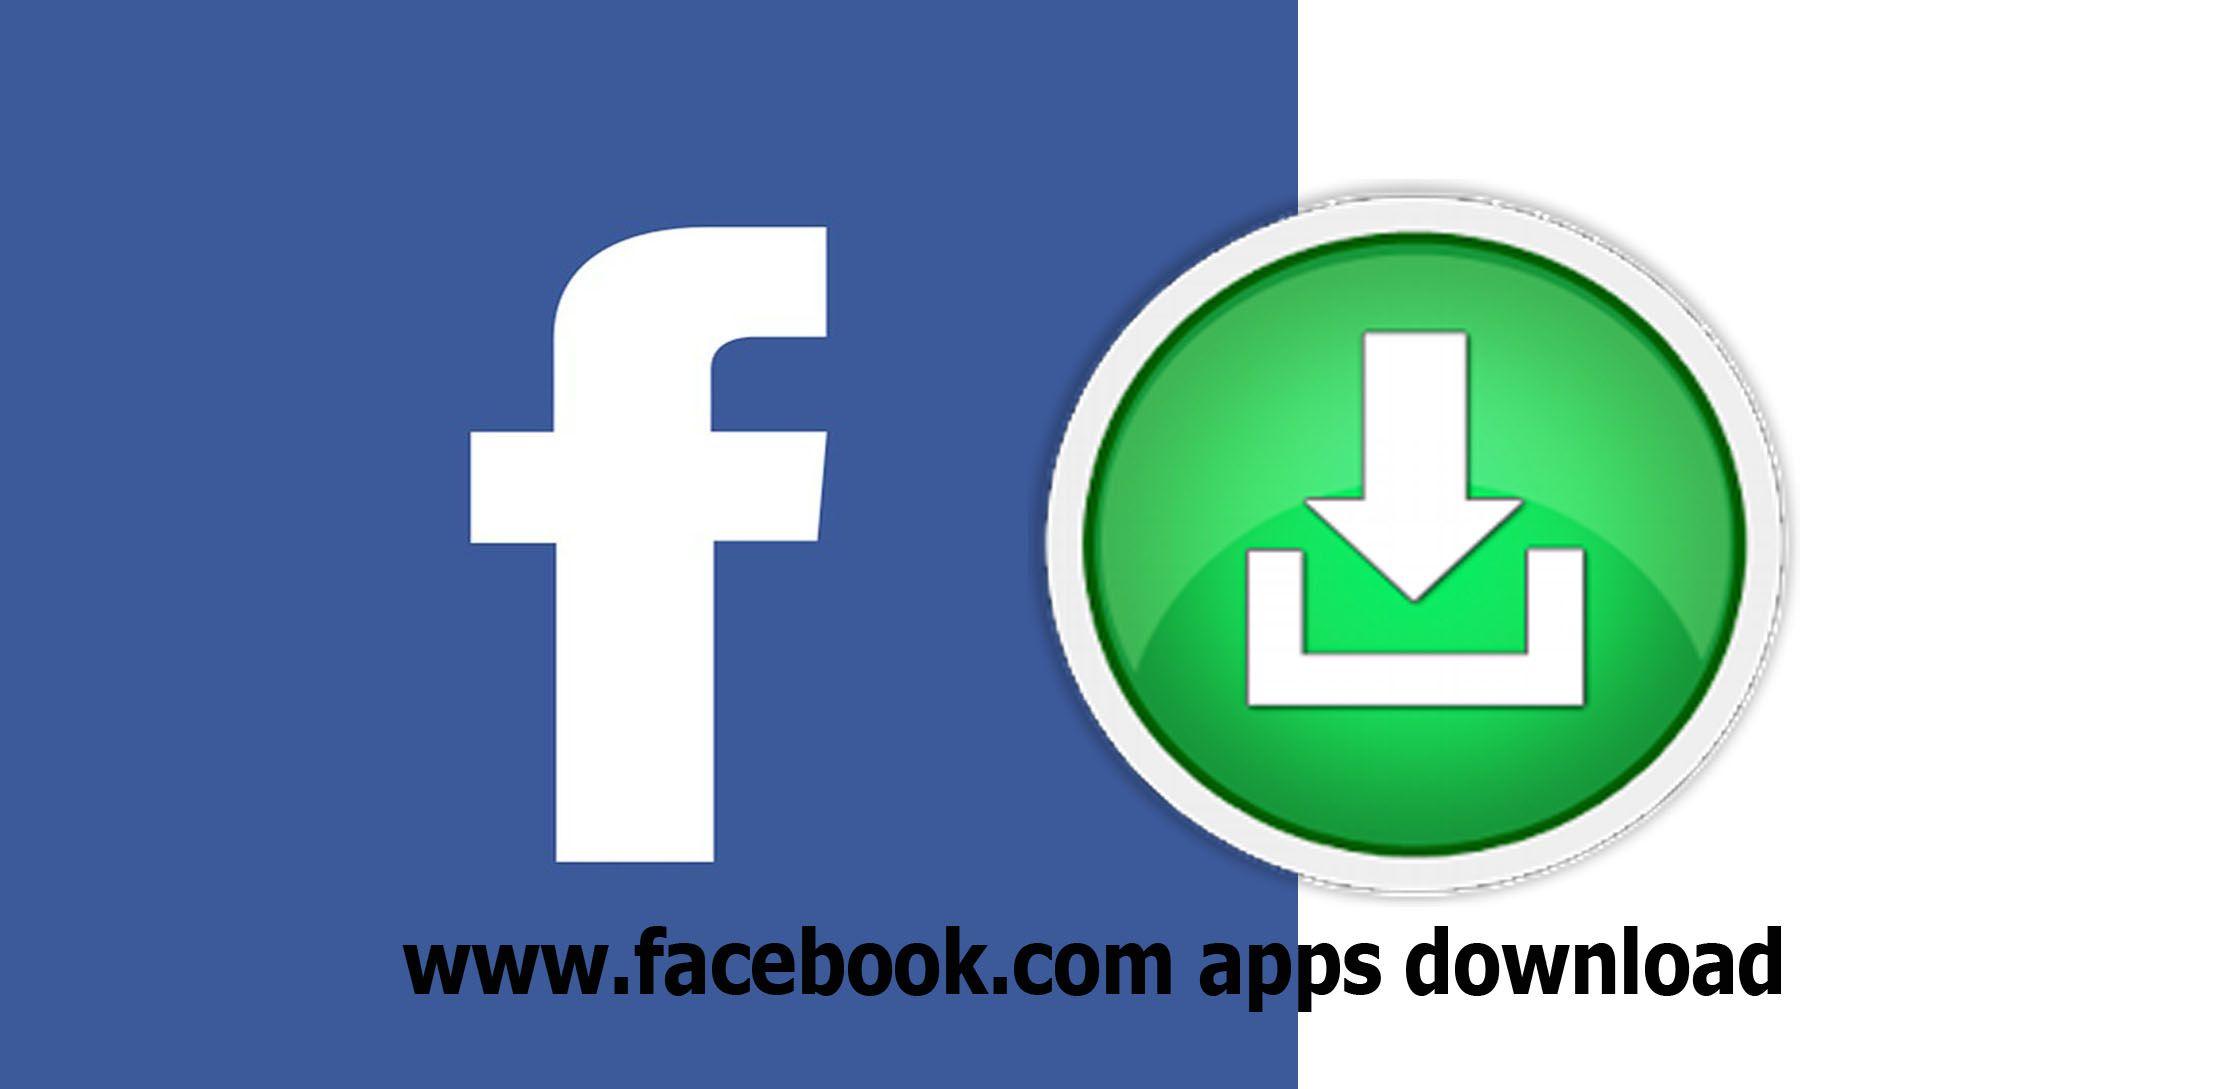 Www Facebook Com Apps Download Download Free Facebook Apps Makeover Arena Free Facebook Messaging App Instant Messenger